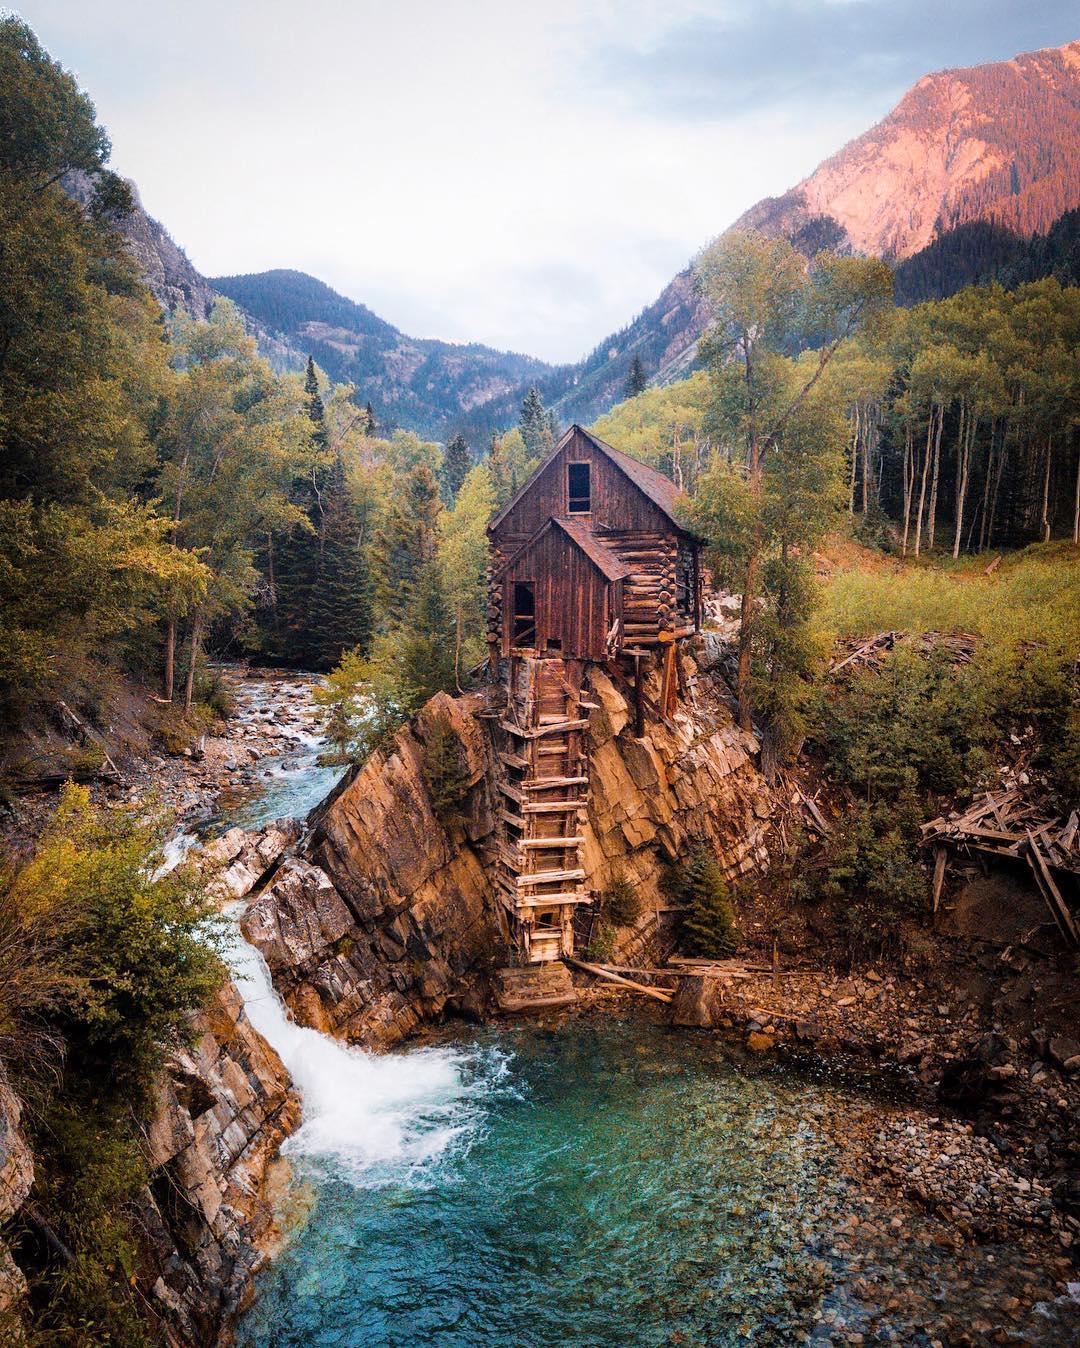 Природа и путешествия на снимках Райана Ресатка